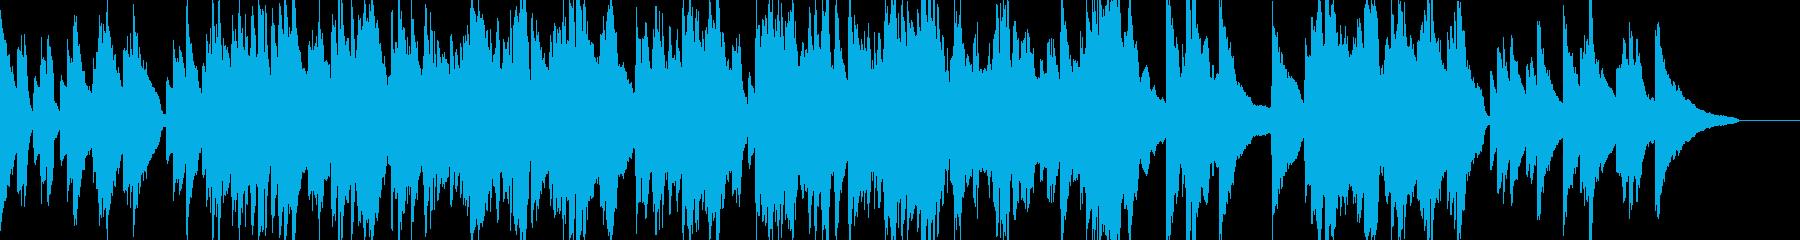 ポップバラード風のピアノインスト曲の再生済みの波形